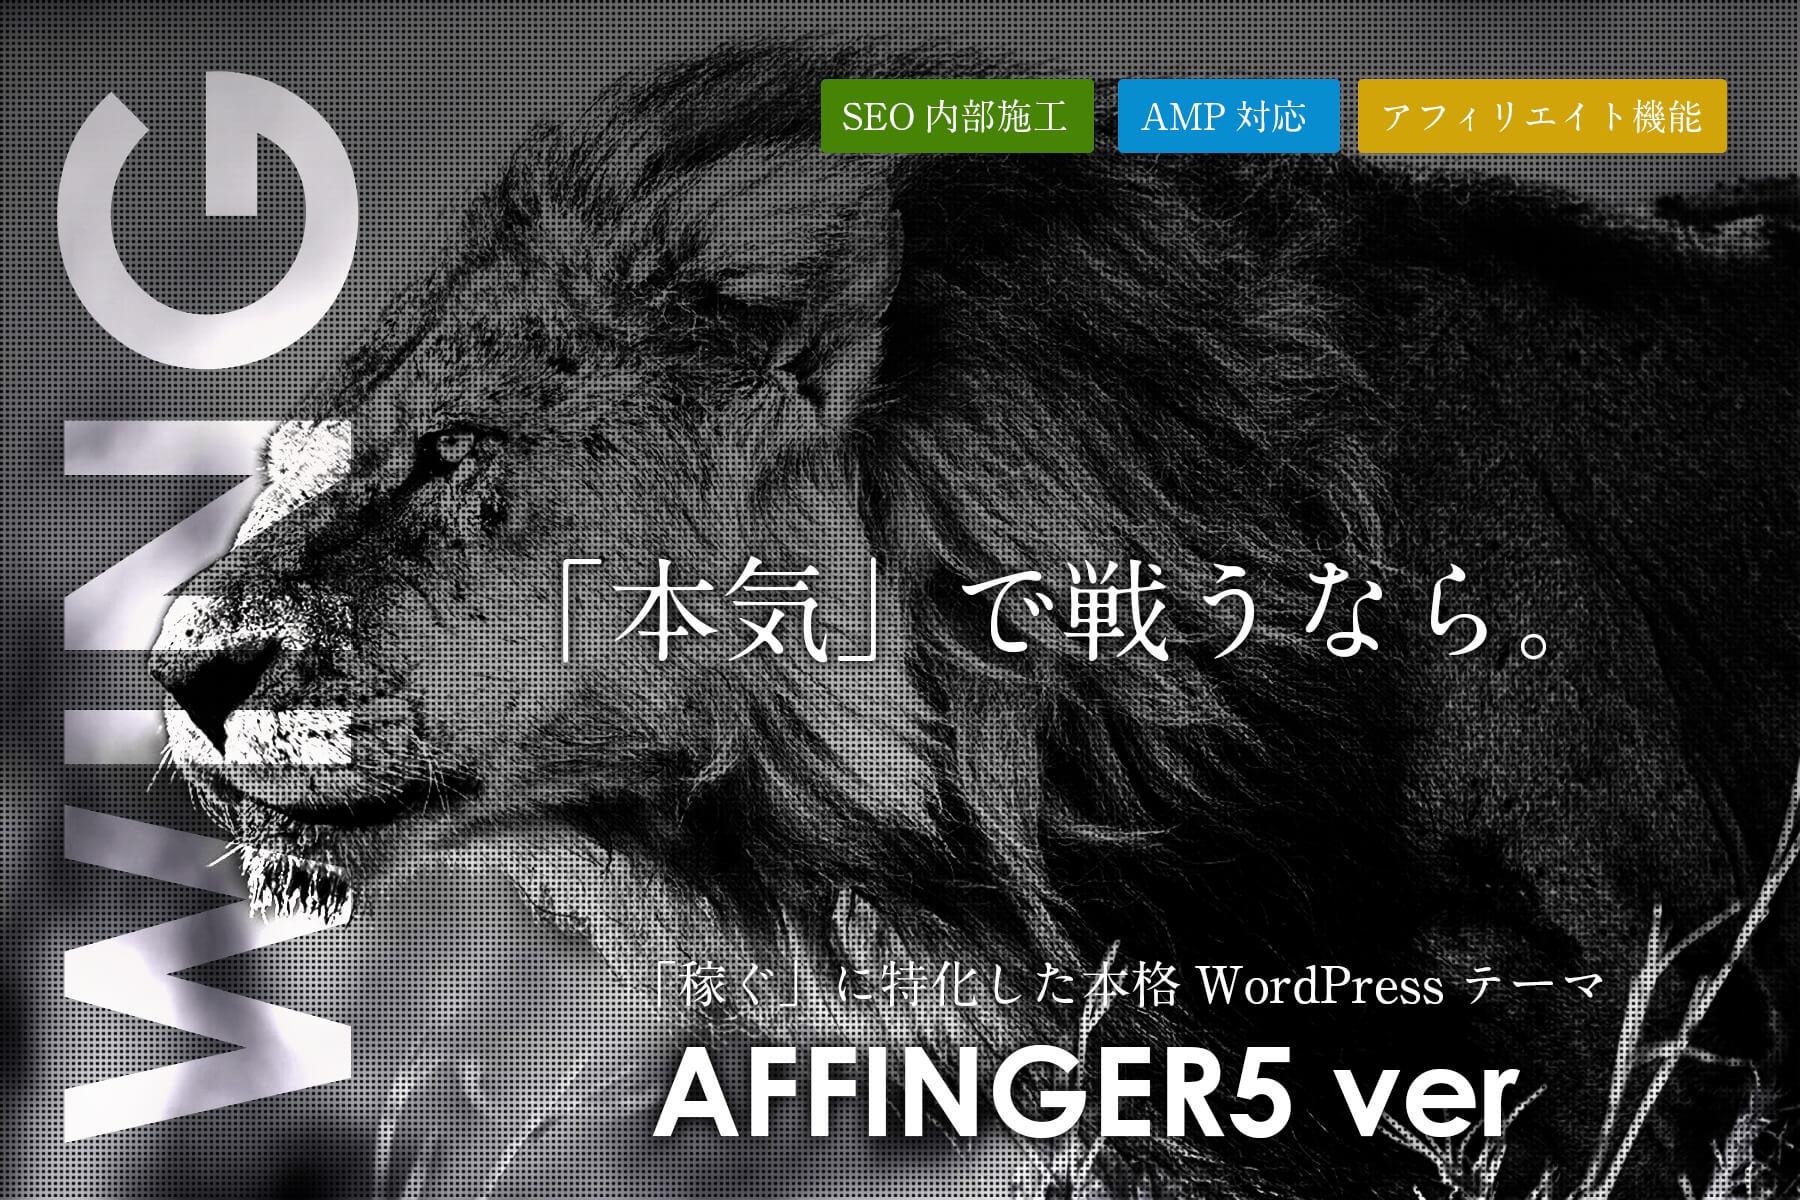 AFFINGER5_アイキャッチ